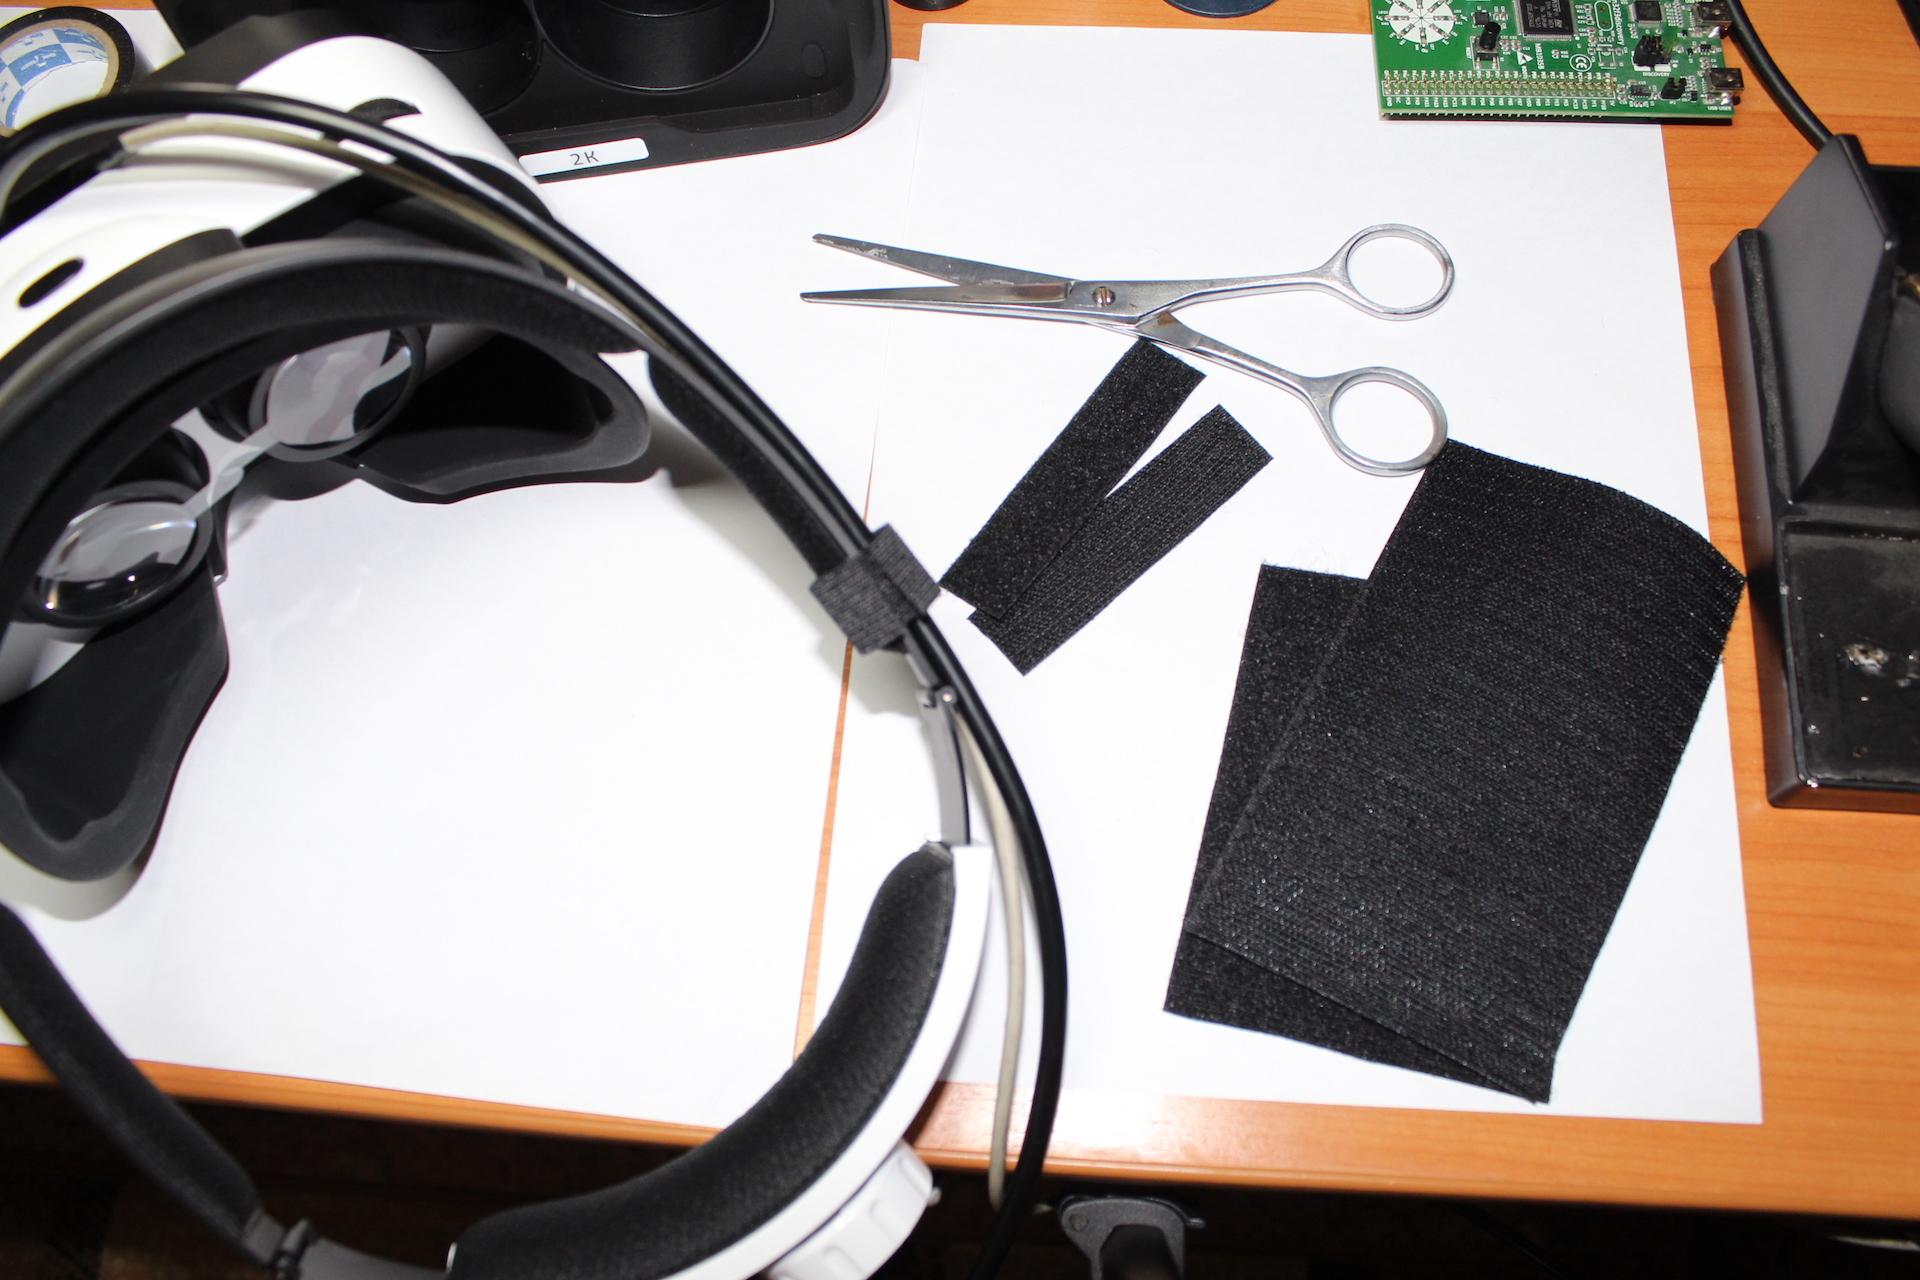 Как сделать шлем виртуальной реальности своими руками